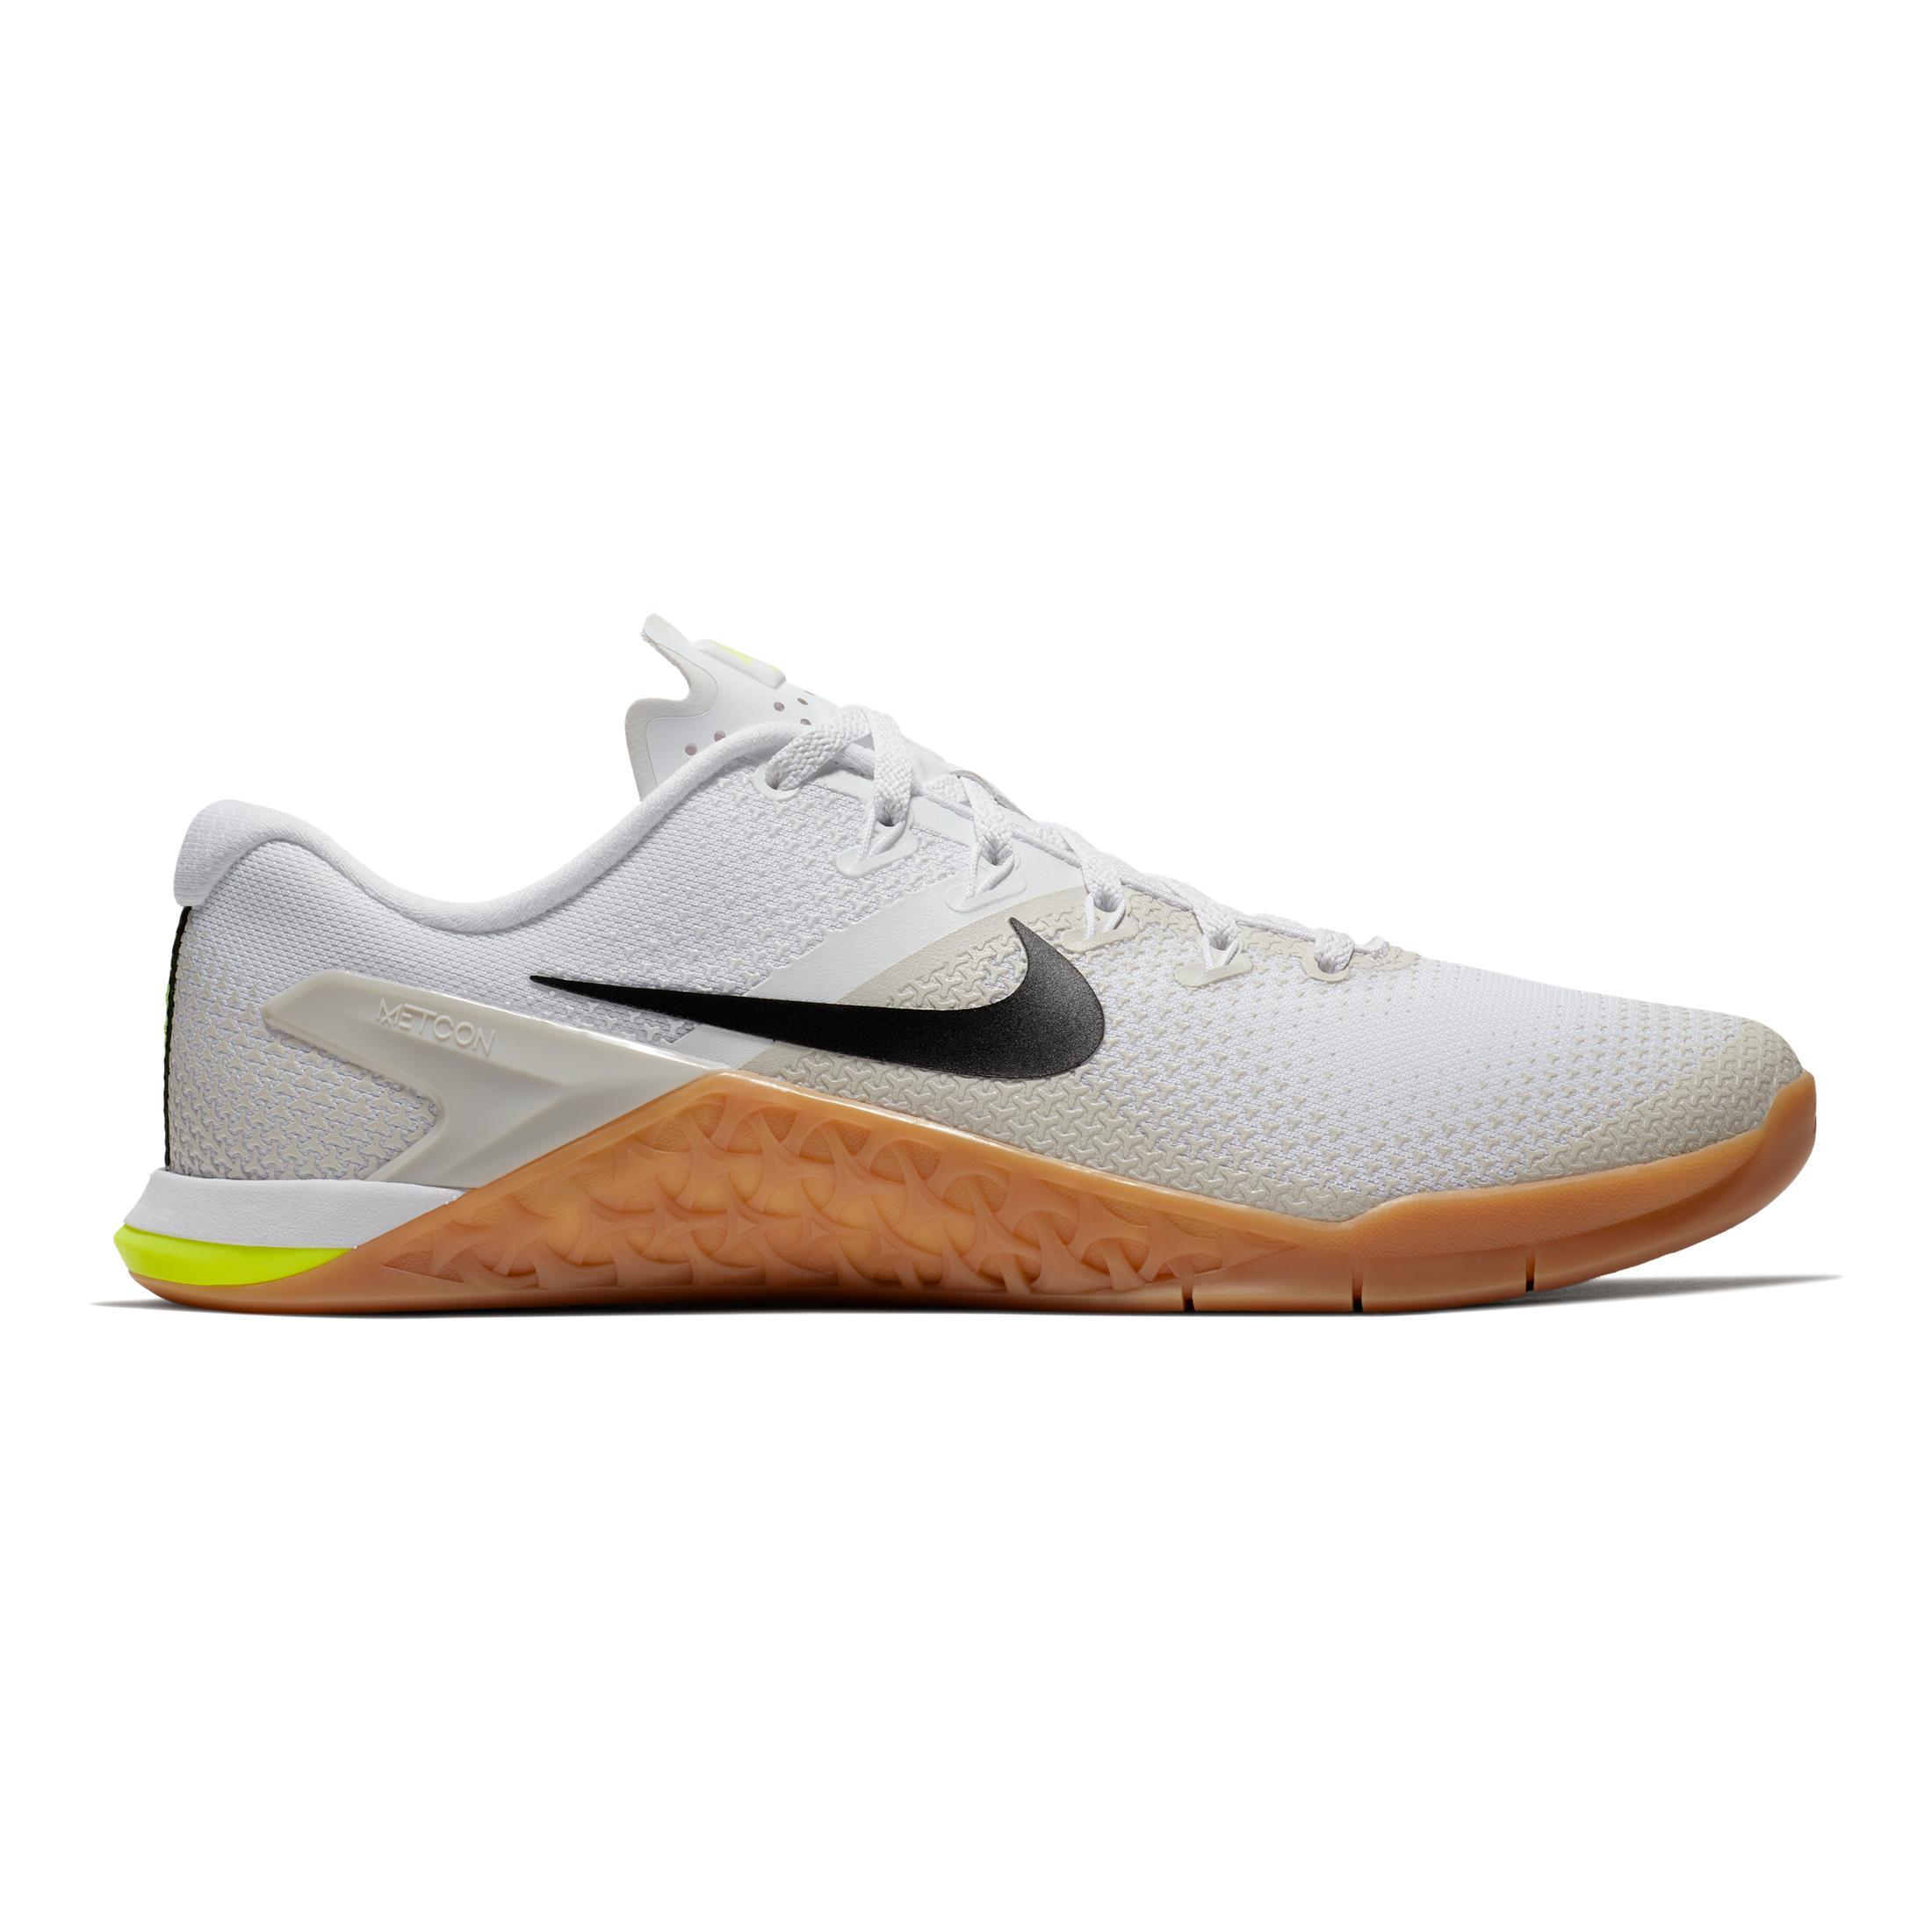 4 84 00 Nike Noir Et Mcon Blanc Dès f8qd86w